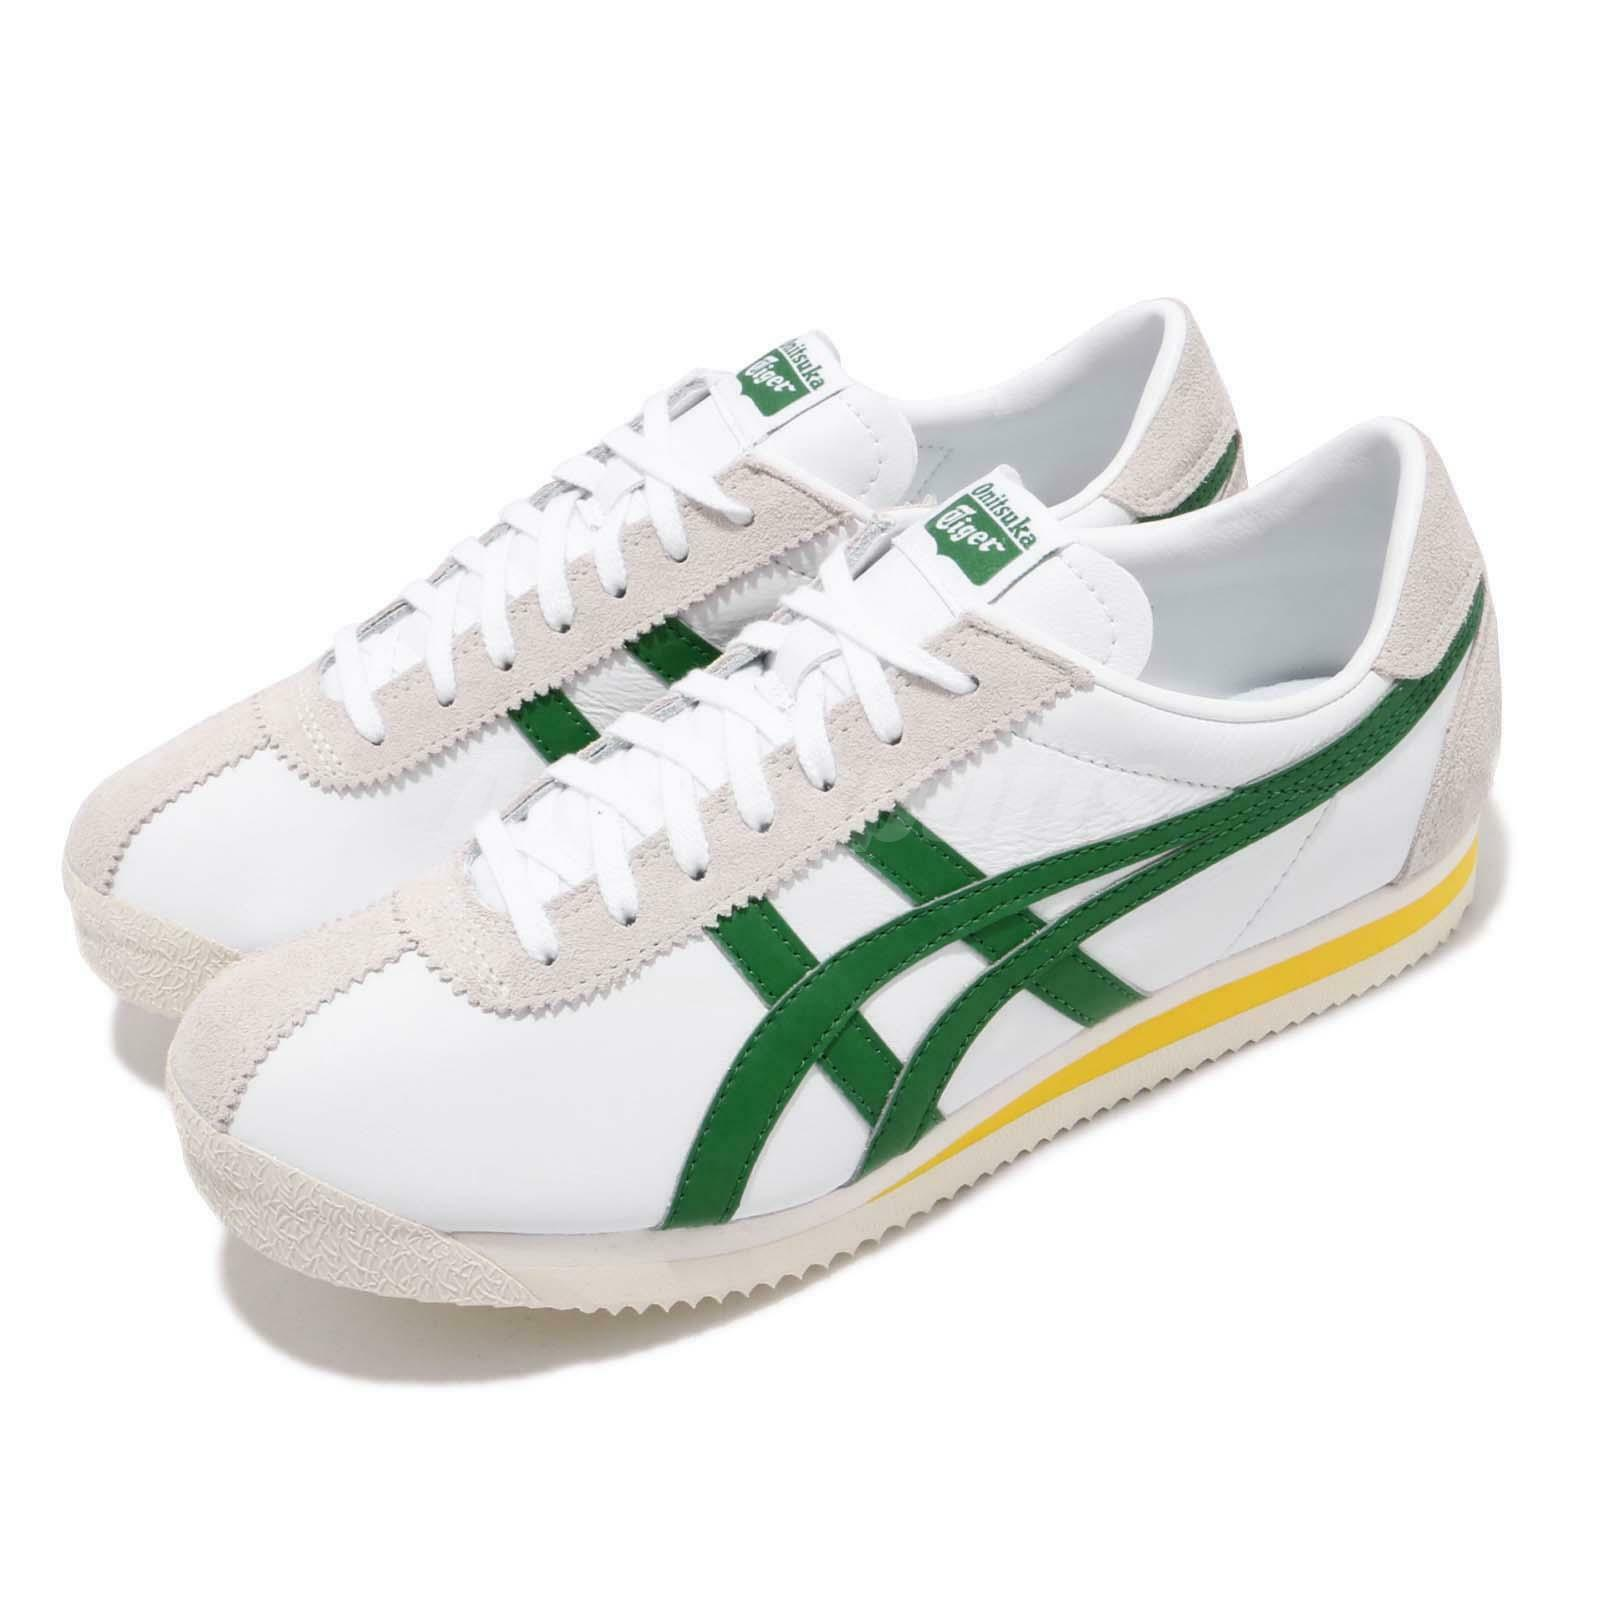 Asics Onitsuka Tiger Corsair blancoo verde Amarillo Hombres Mujeres Zapatos 1183A357101